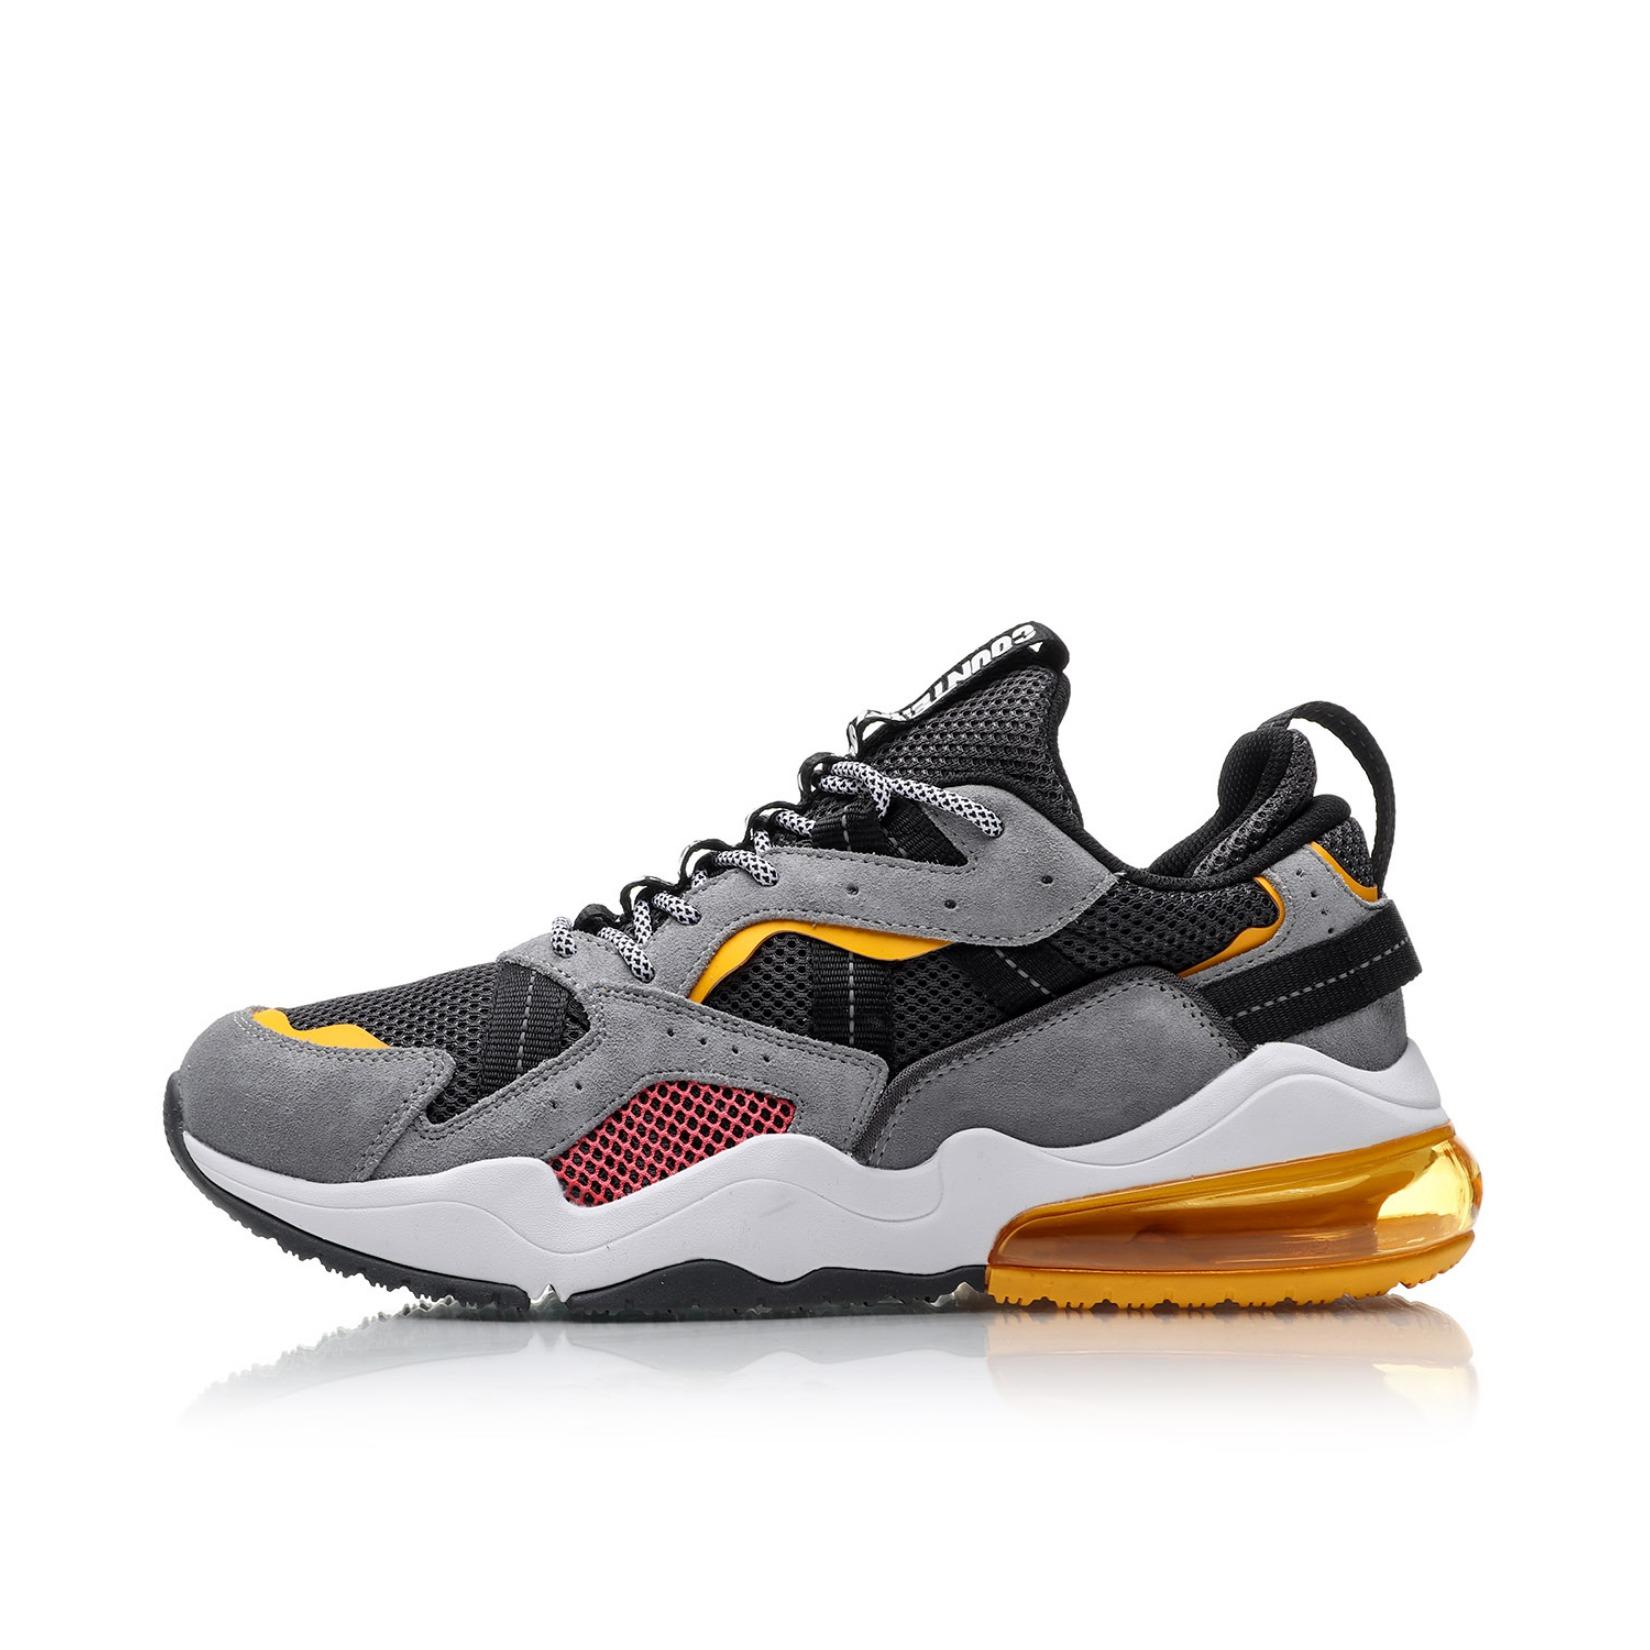 李宁 Counterflow源系列休闲鞋 AGCP272 灰/橙色 到手价168元